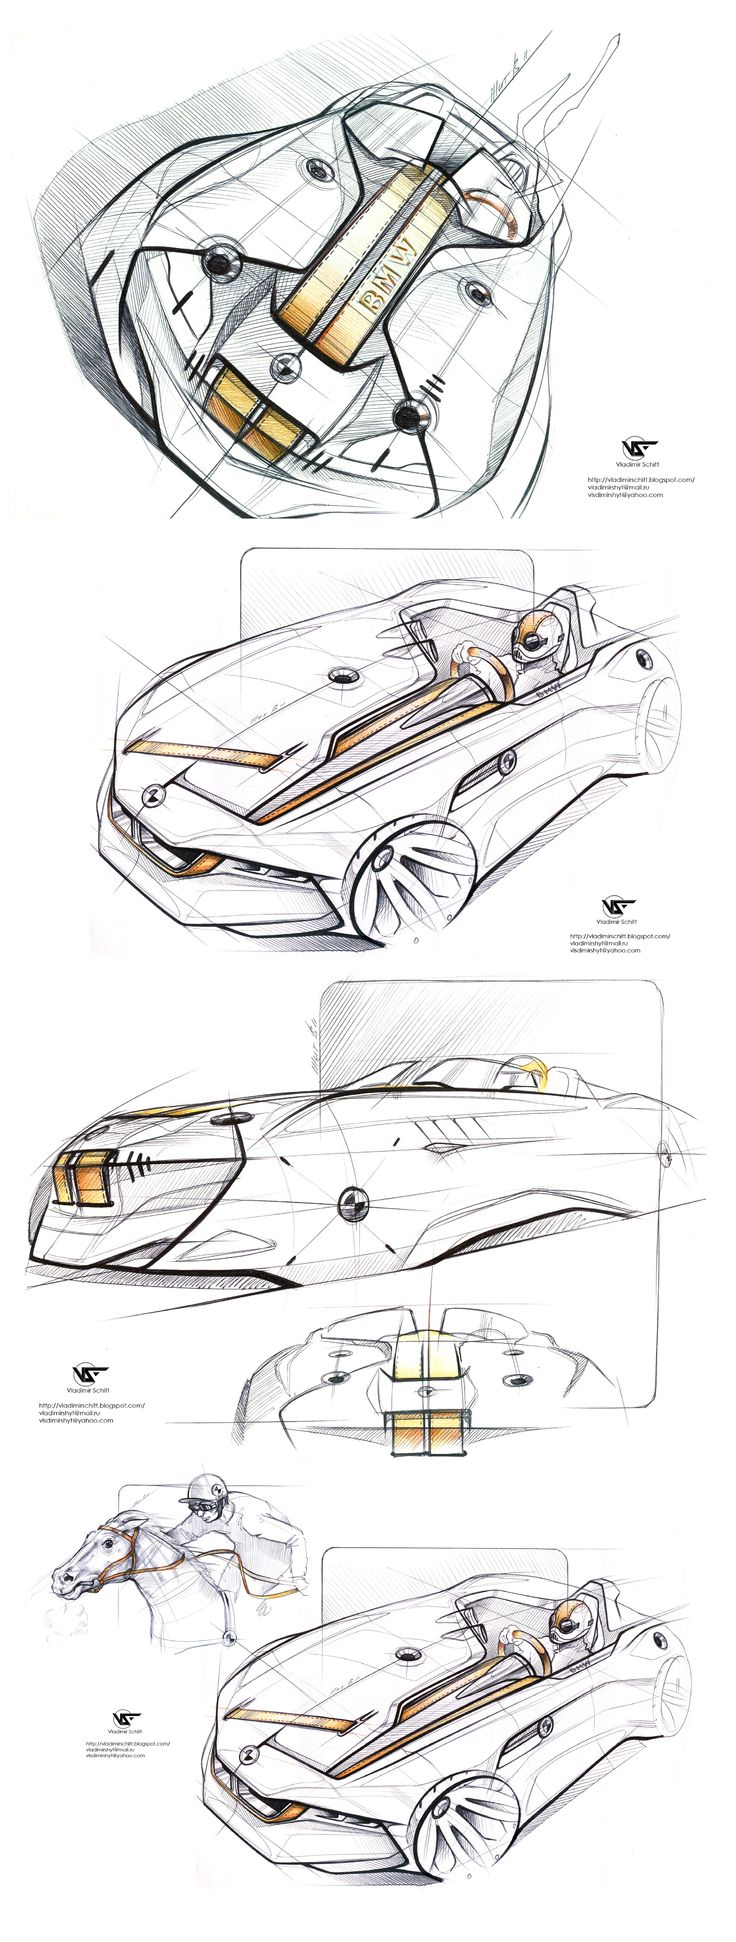 BMW sketches by Vladimir Schitt